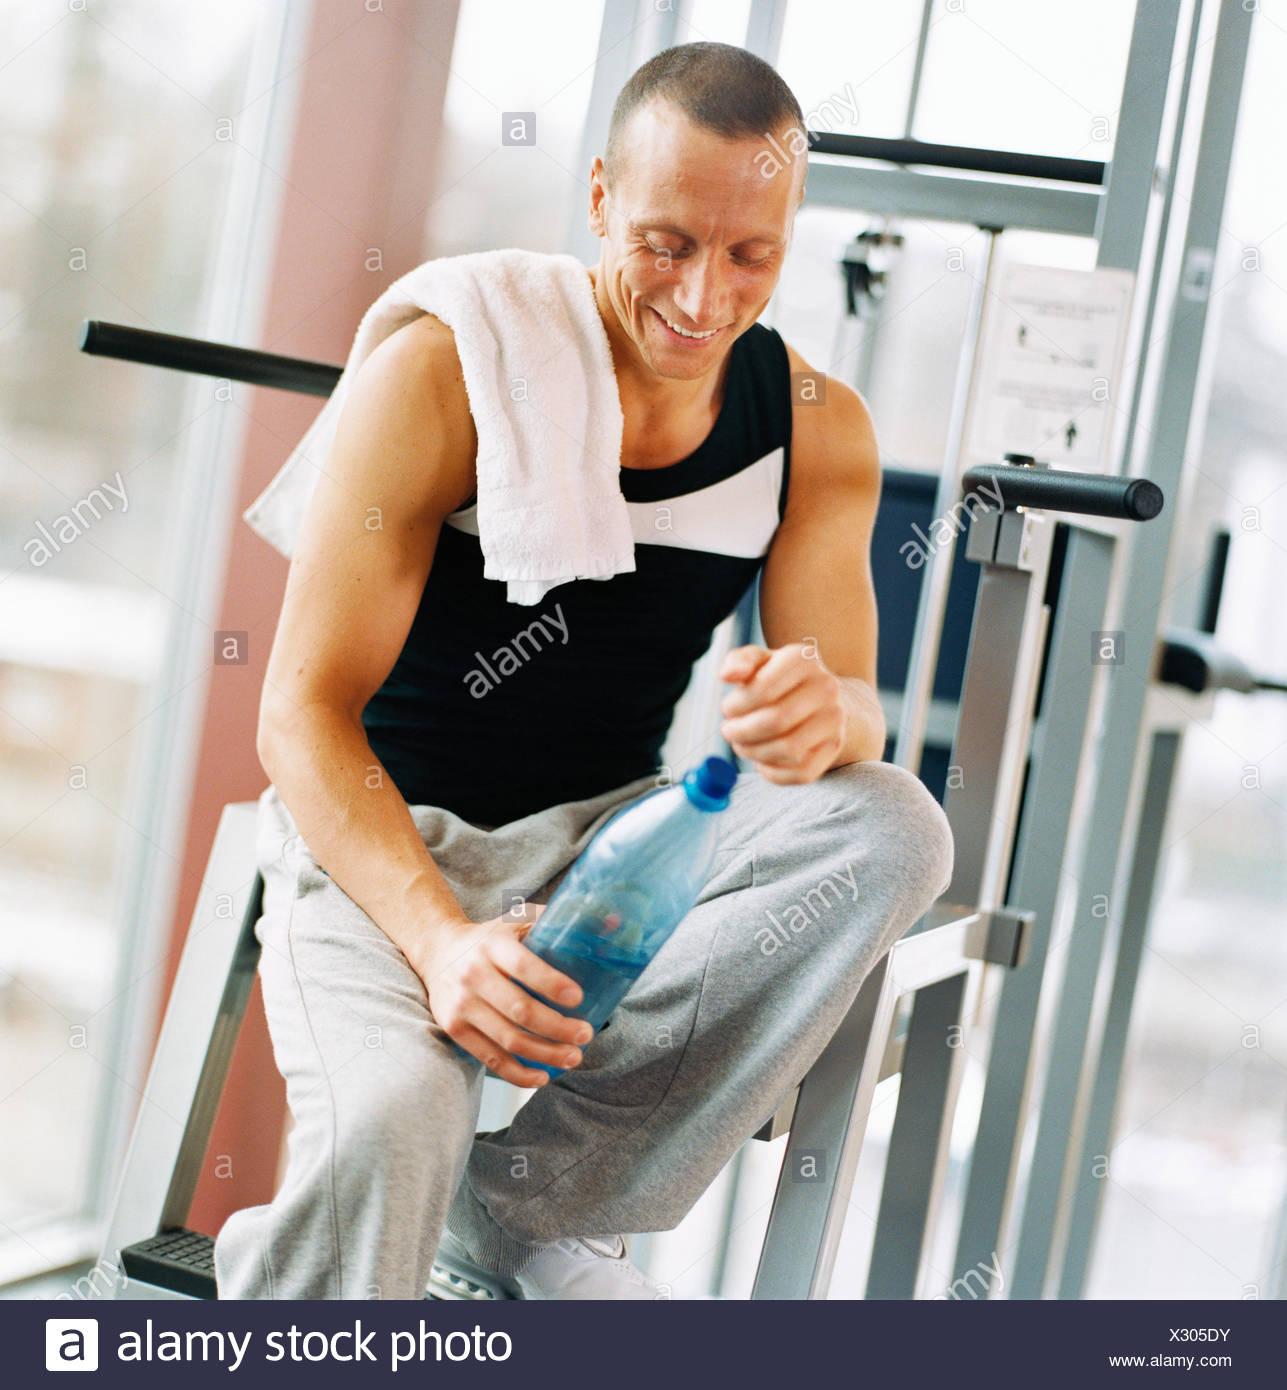 30-34 ans 45-49 ans adultes activité seul athlète bodybuilding bouteille bouteille de couleur de l'eau libre de l'exercice de sport professionnels Photo Stock